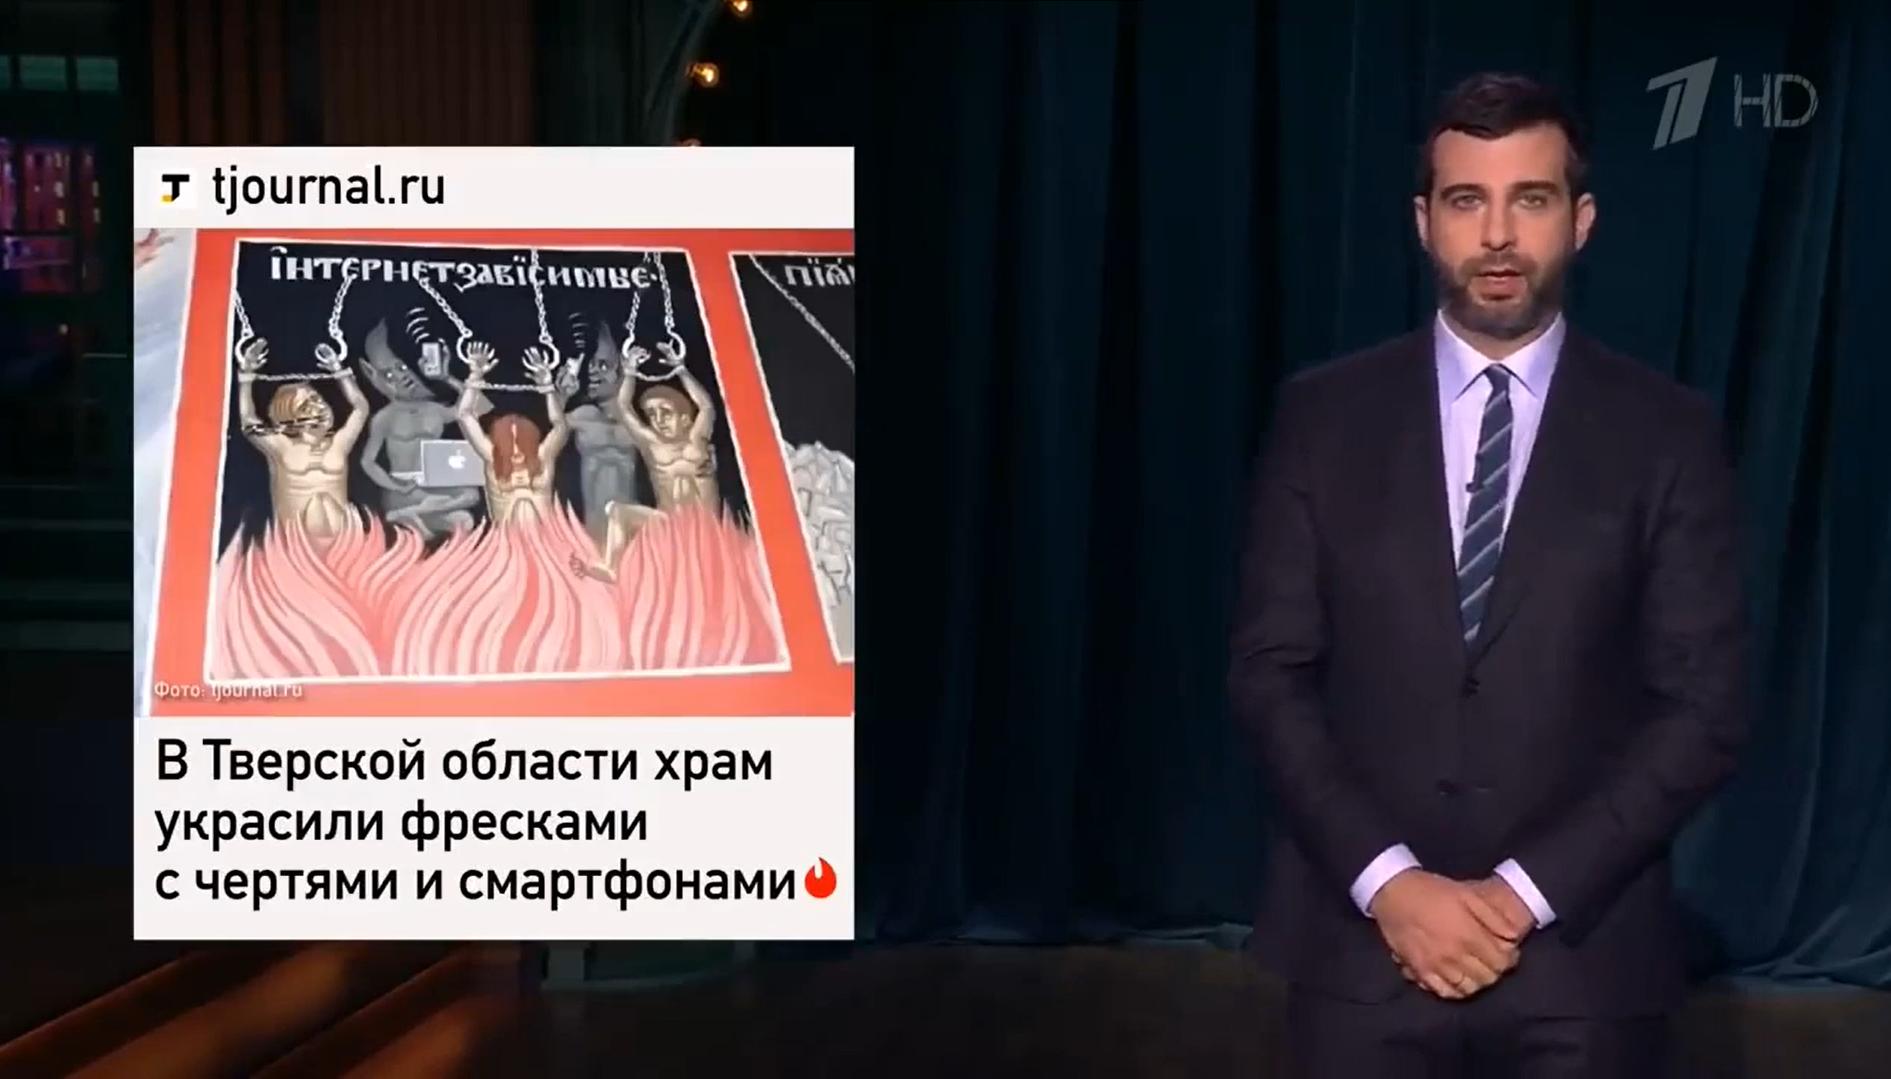 Иван Ургант рассказал о чертях в храме под Тверью: видео